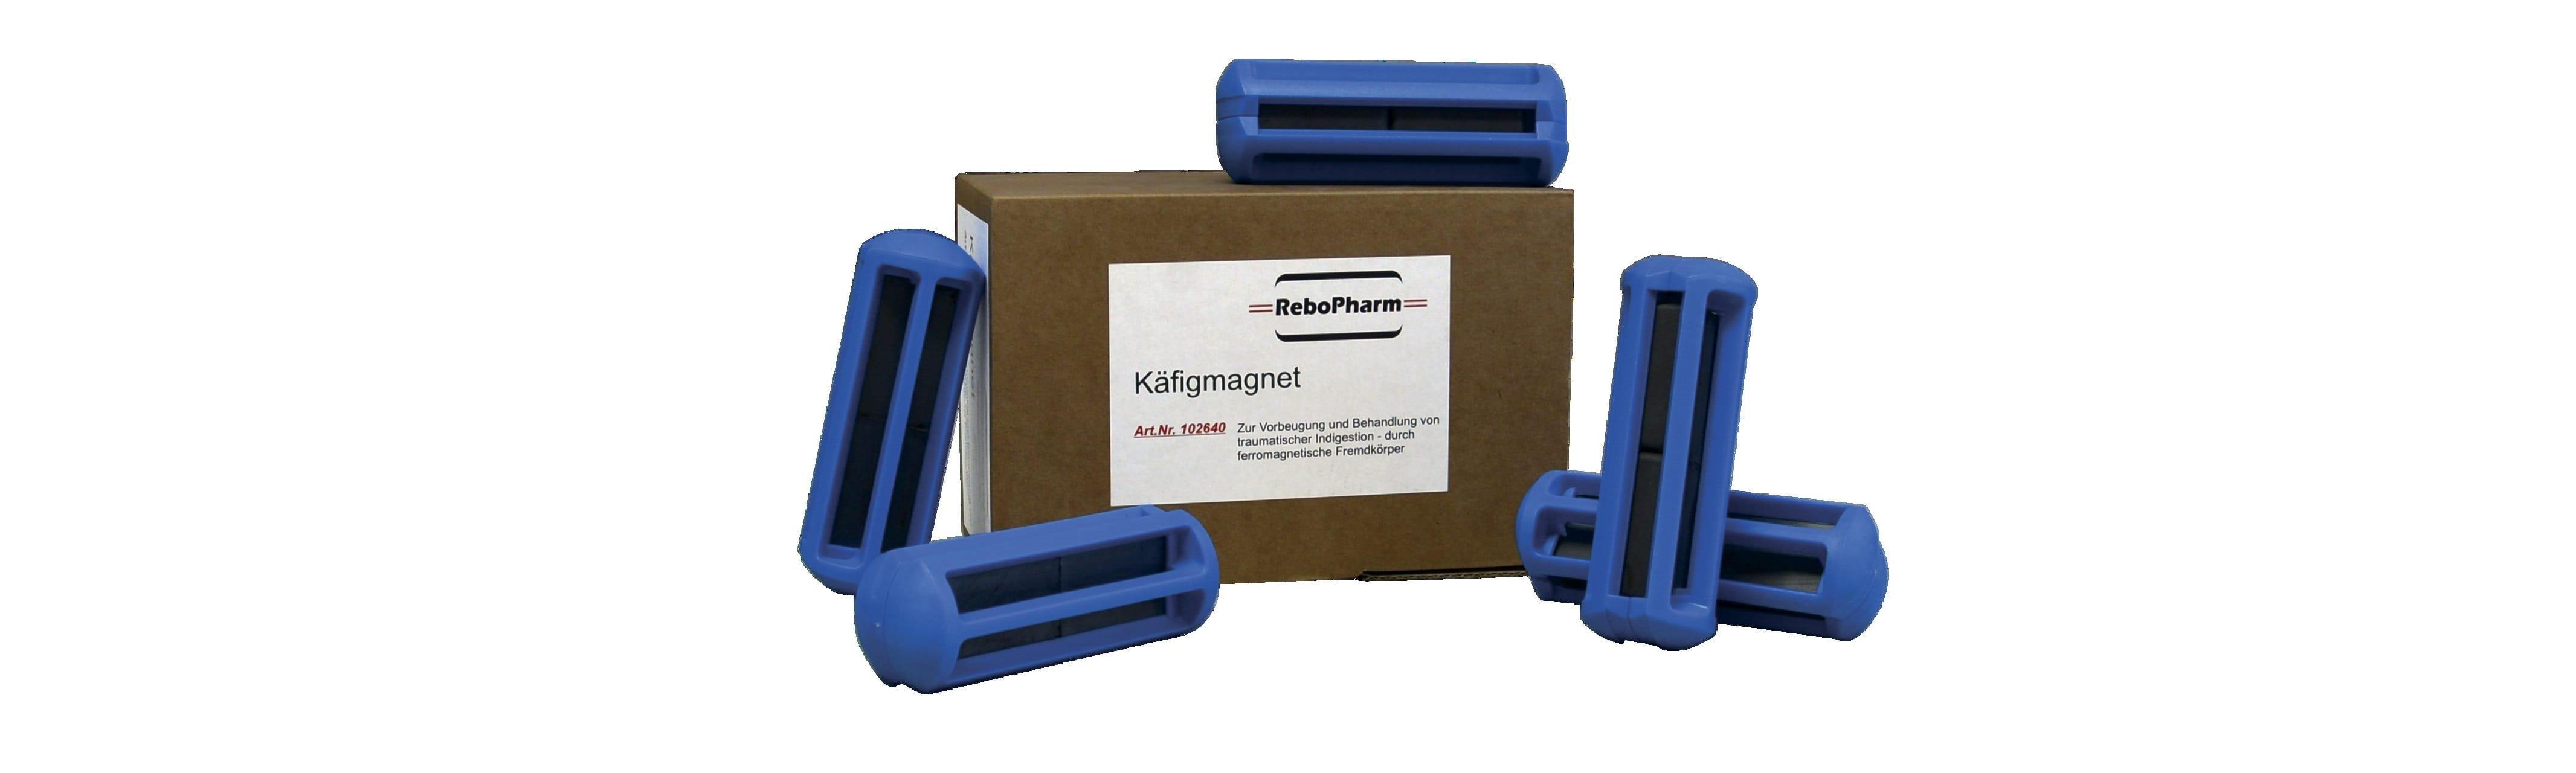 K-figmagnet-min